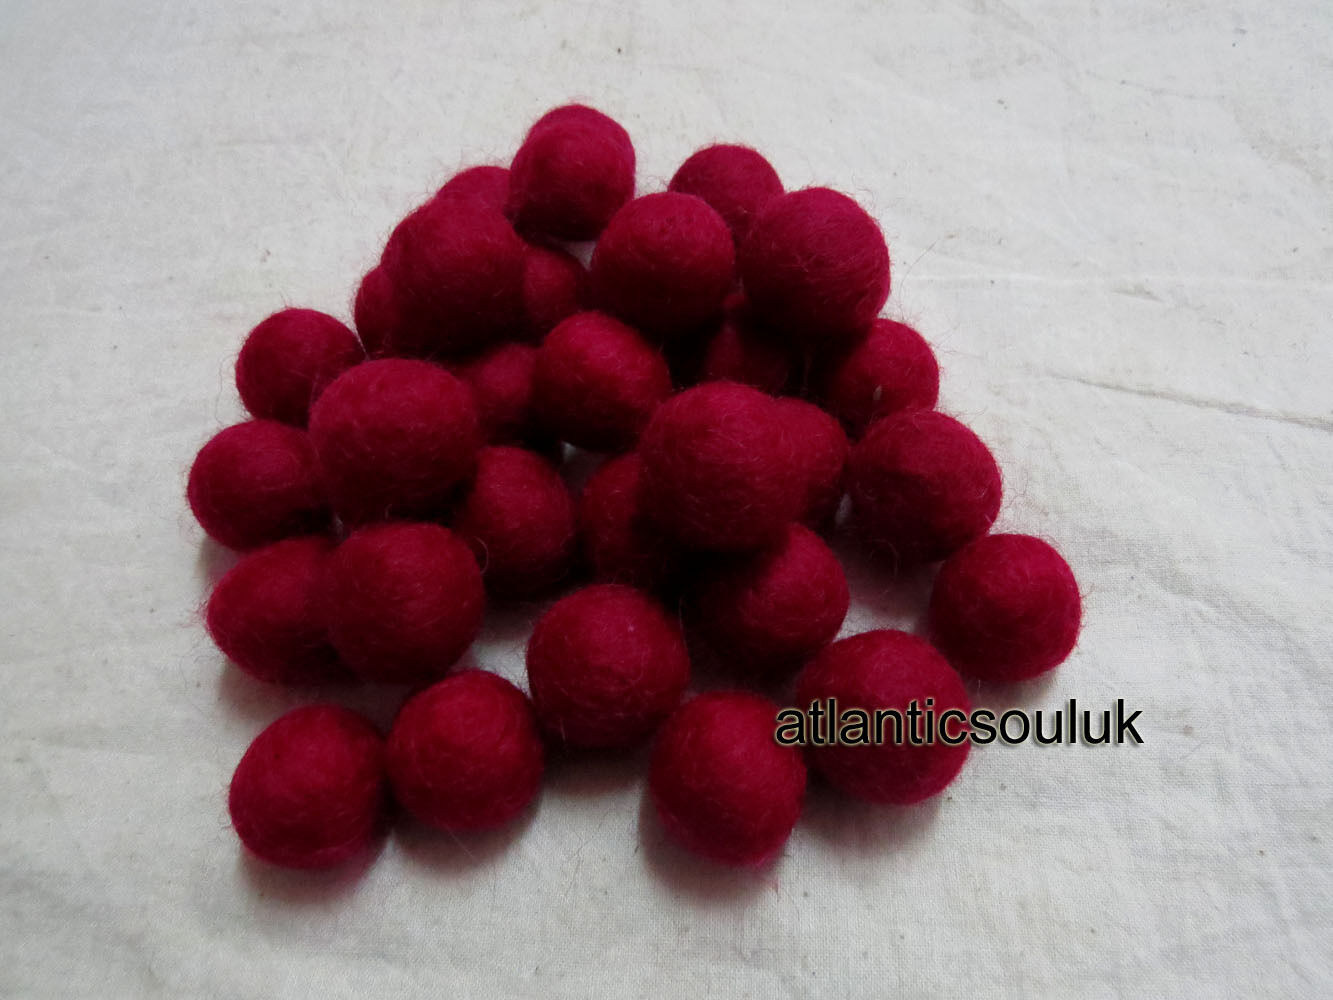 FB14 Décoratif fabriqué à la Main à Collectionner 2cm/20mm laine Décoratif FB14 Marron Feutre balles en Lot baedb4